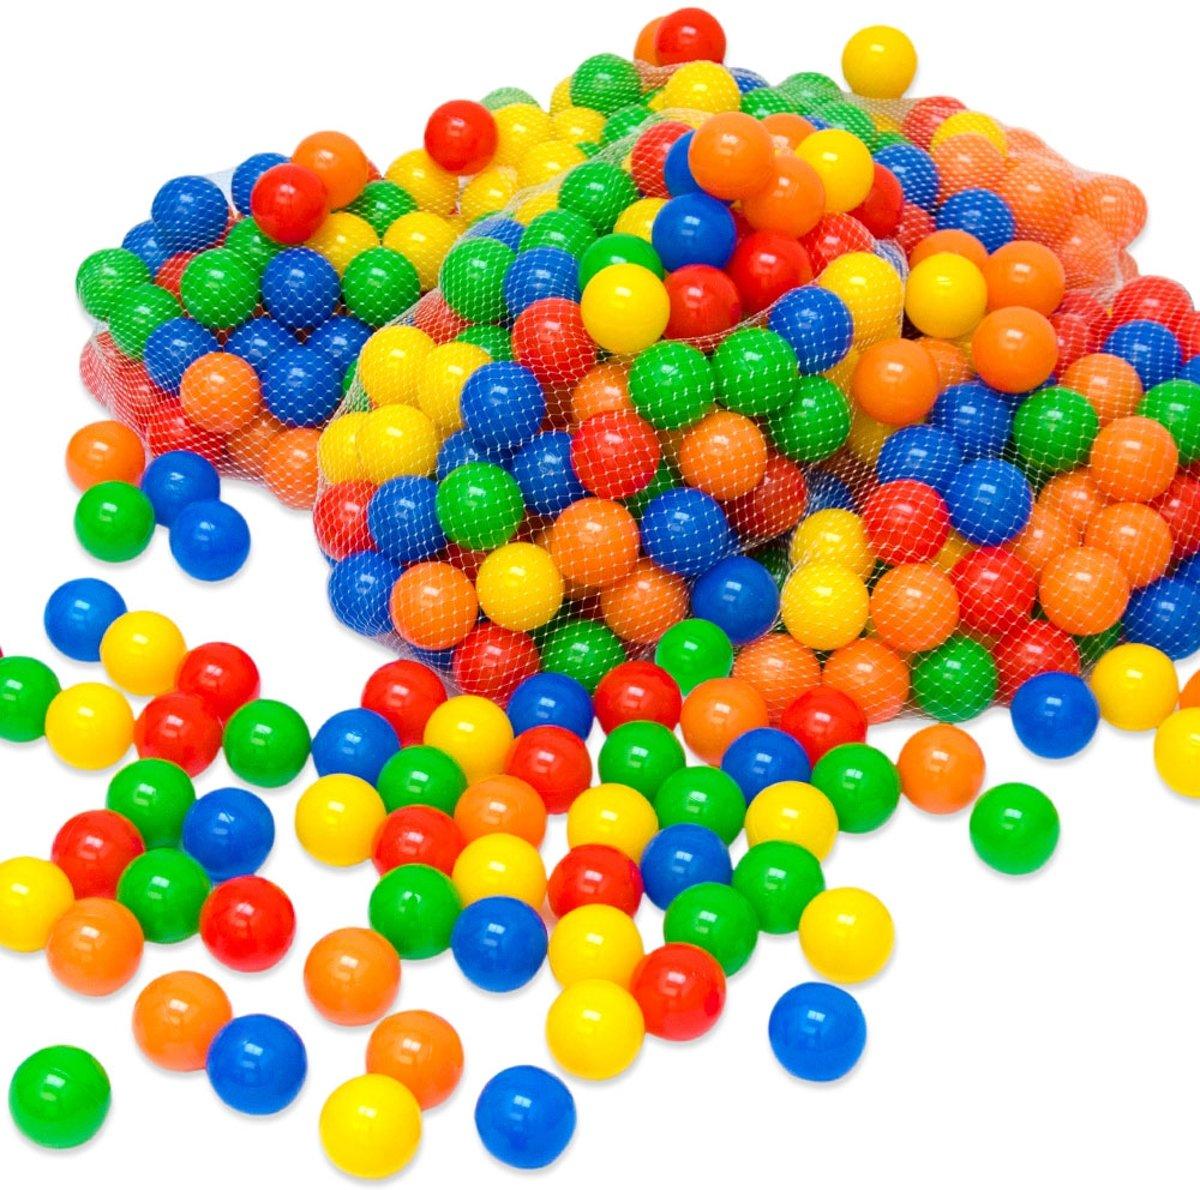 300 Kleurrijke ballenbadballen 5,5cm   plastic ballen kinderballen babyballen   kinderen baby puppy